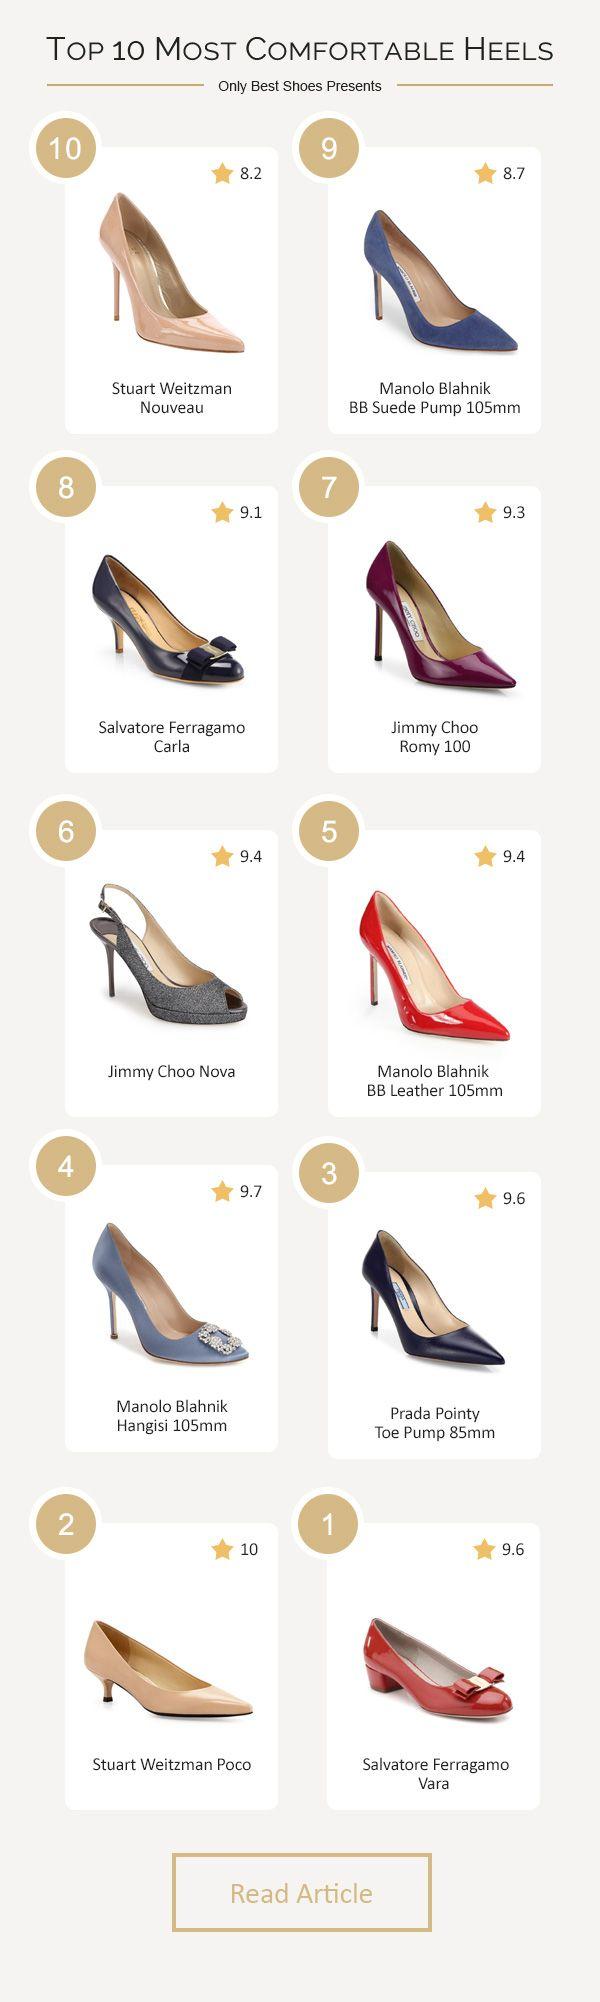 Top 10 most comfortable heels